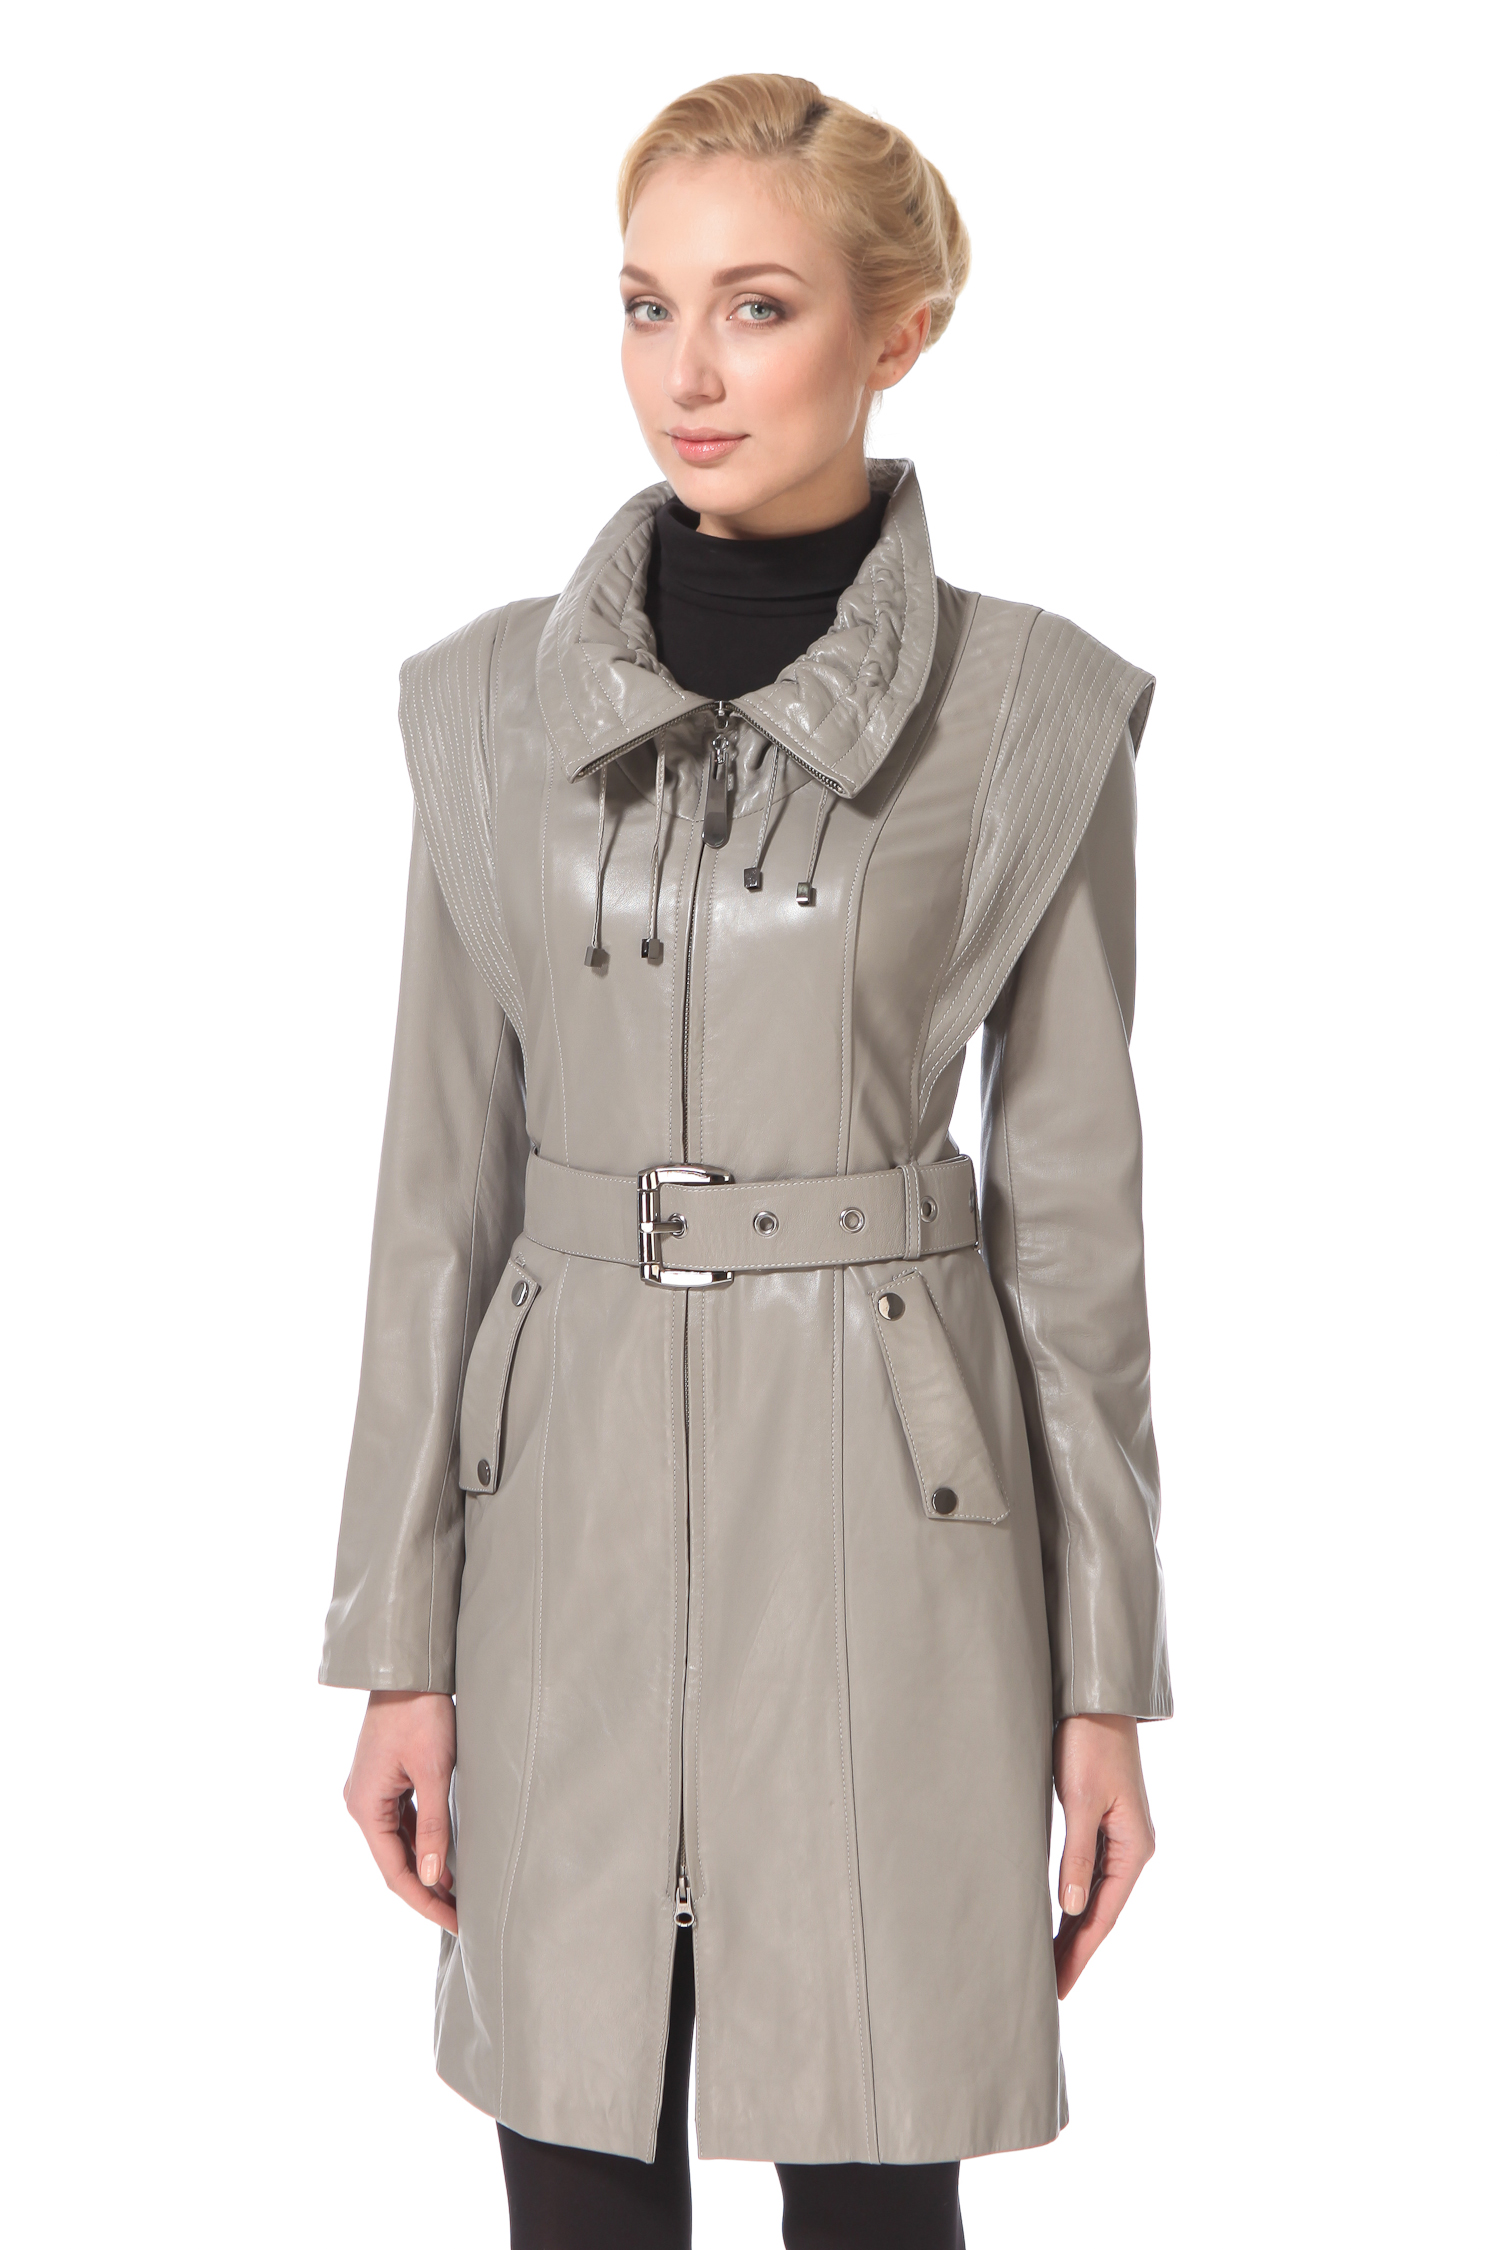 Пальто женское из натуральной кожи с воротником, без отделкиБлагодаря оригинальности дизайна иизысканному серому цвету, это эффектное кожаное пальто по достоинству оценят как поклонницы стиля casual, так и классического стиля. Полуприлегающий силуэт, центральная застежка -молния, отложной воротник необычного дизайна на кулисках - отличное сочетание комфорта и смелого дизайна. Пальто дополнено поясом с металлической пряжкой.<br><br>Материал: Натуральная кожа<br>Цвет: Серый<br>Пол: Женский